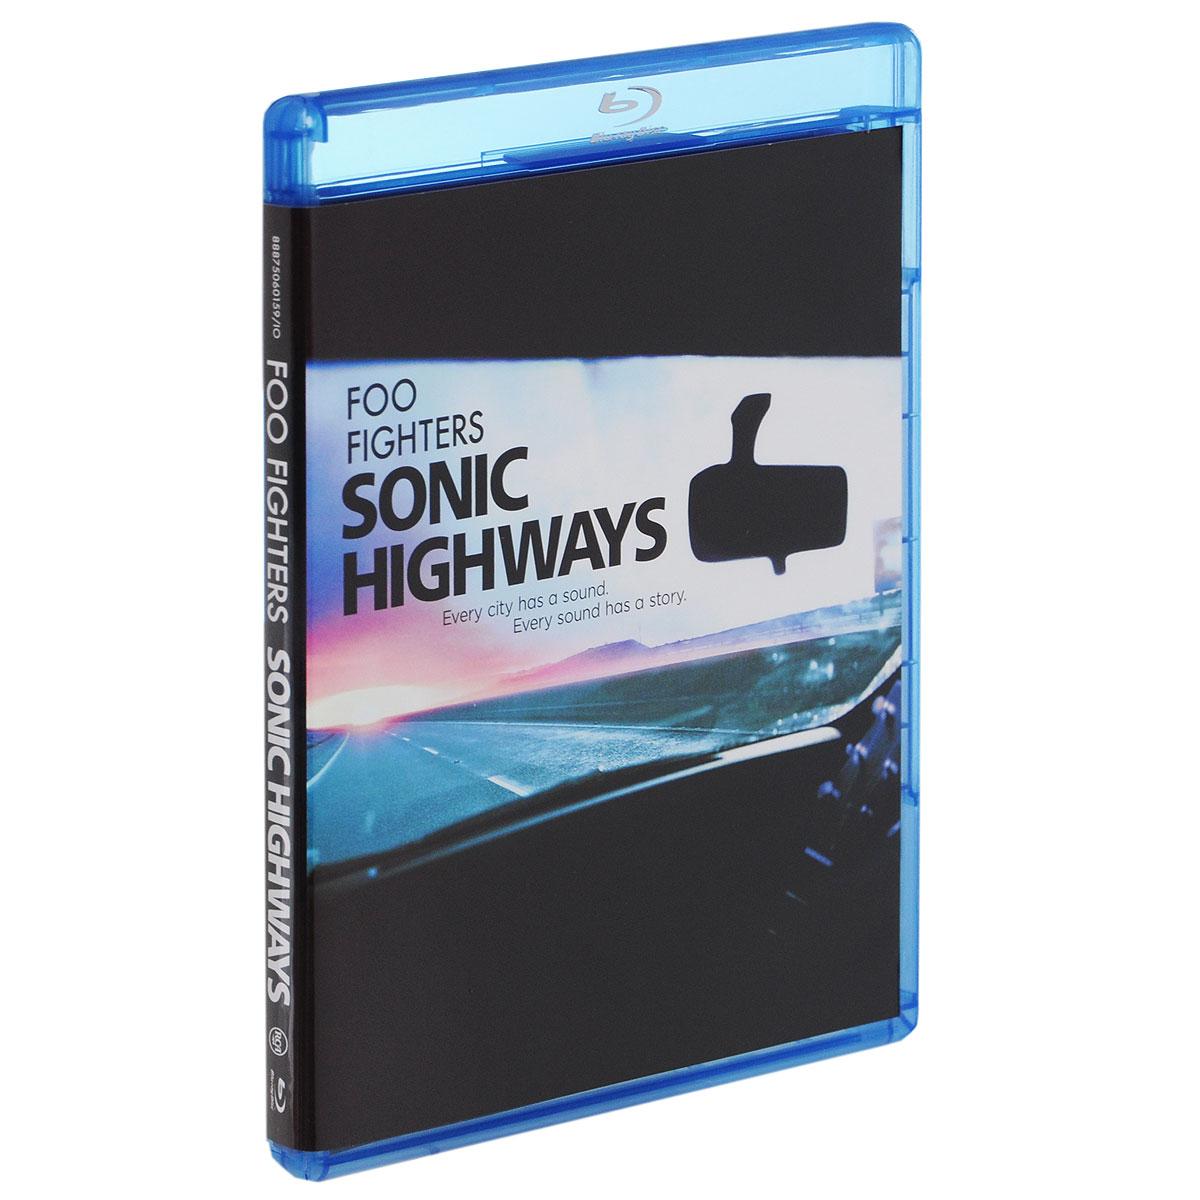 Foo Fighters: Sonic Highways (3 Blu-ray) 2015